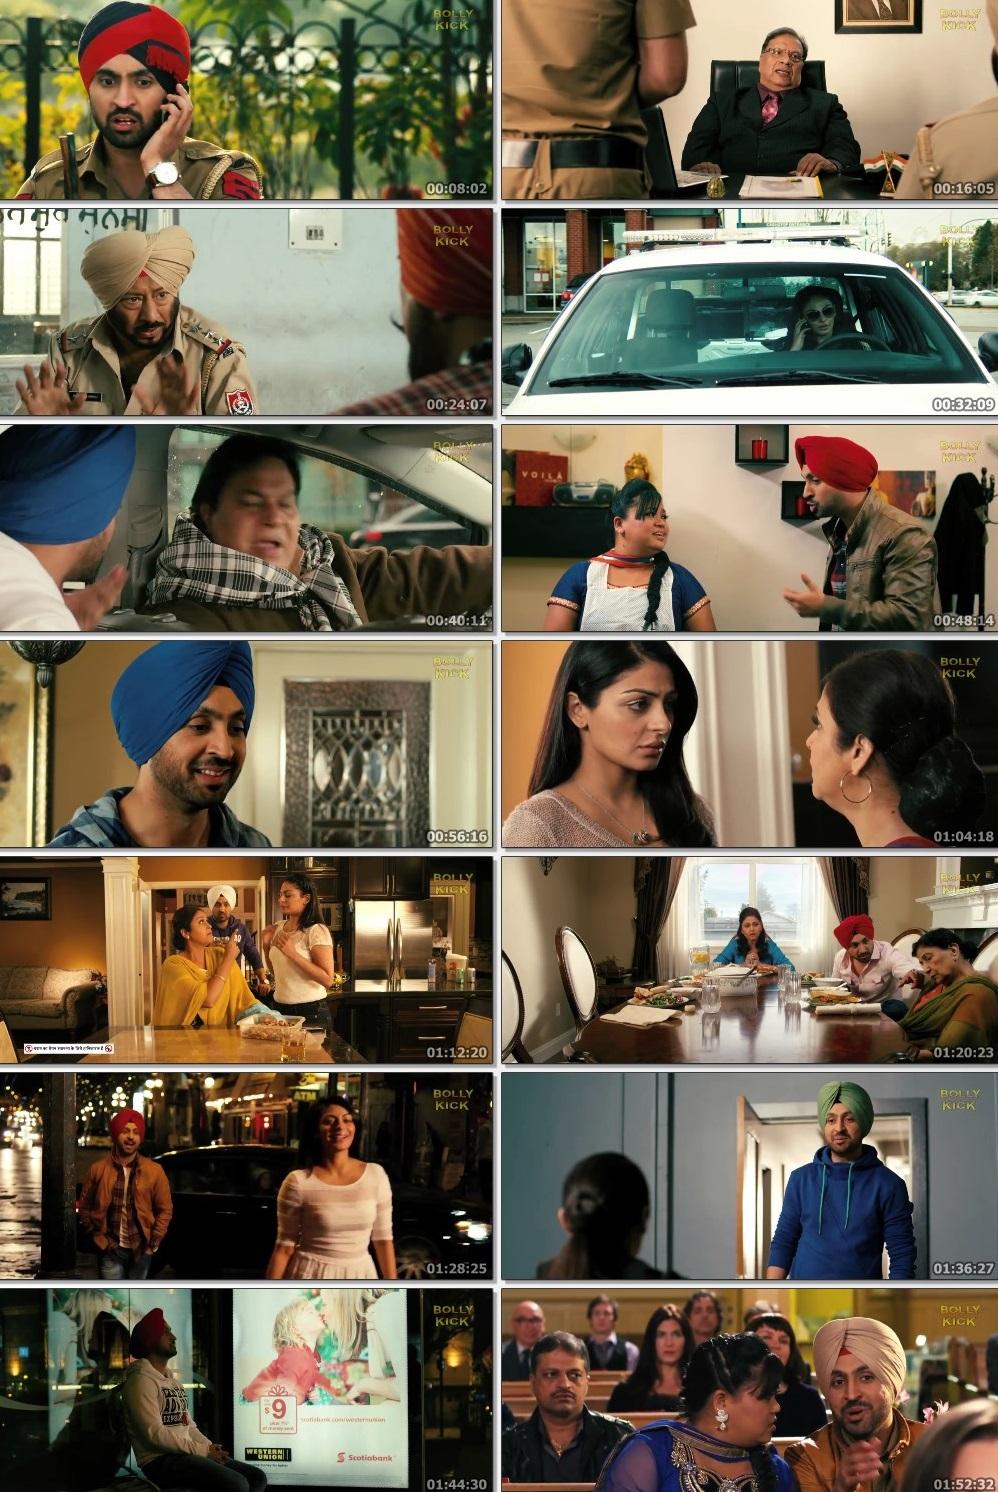 Jatt%2B%2526%2BJuliet%2B2%2B%25282013%2529%2B720P%2BHDRip%2BHindi%2BDubbed Jatt & Juliet 2 2013 Movie Hindi Dubbed download 720P HD WorldFree4u